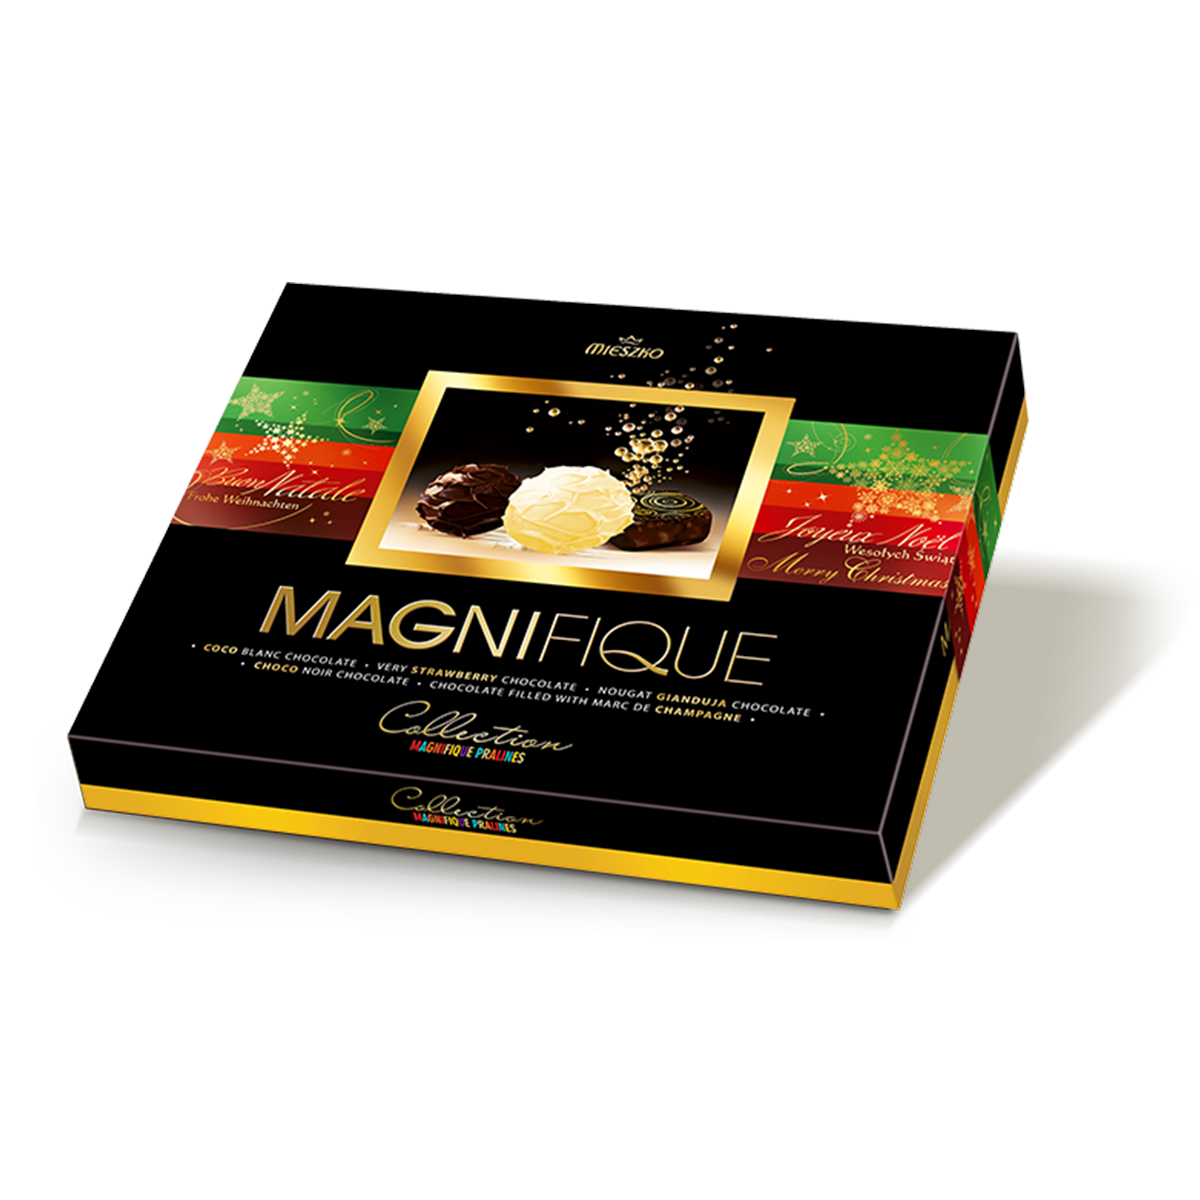 2020_09_09_magnifique_3